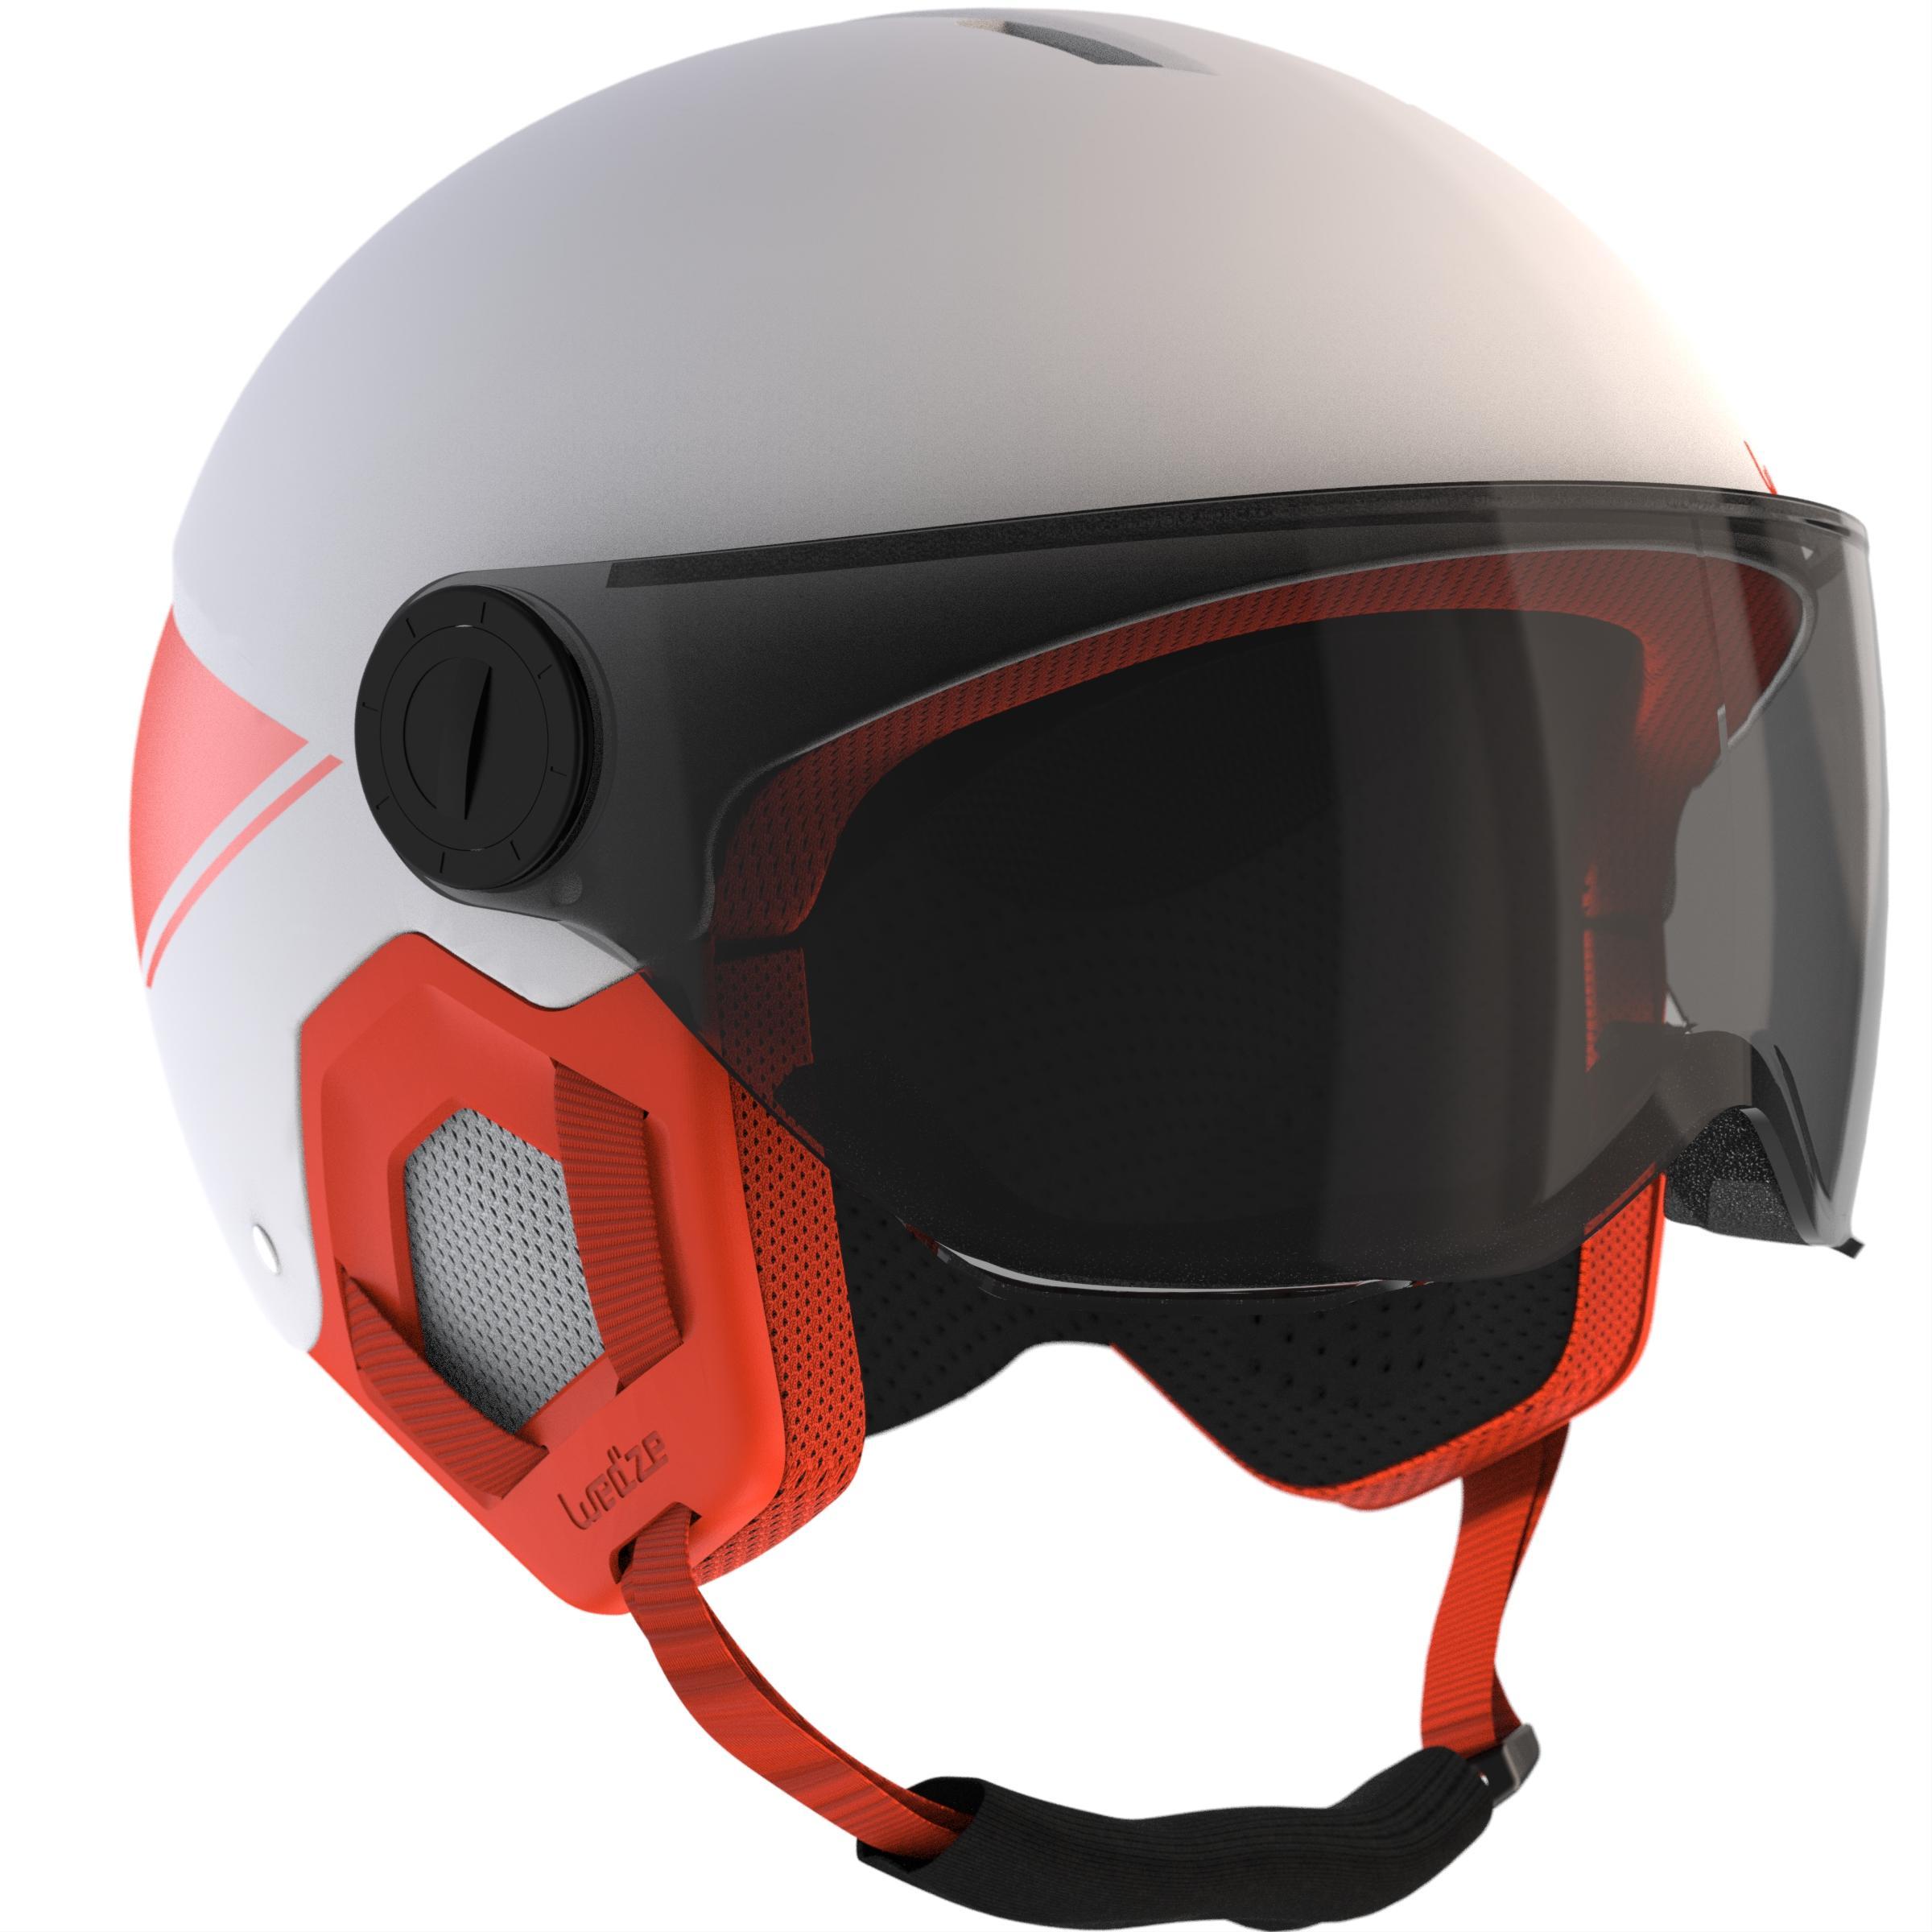 87534e8b453 Comprar Casco de Esquí online